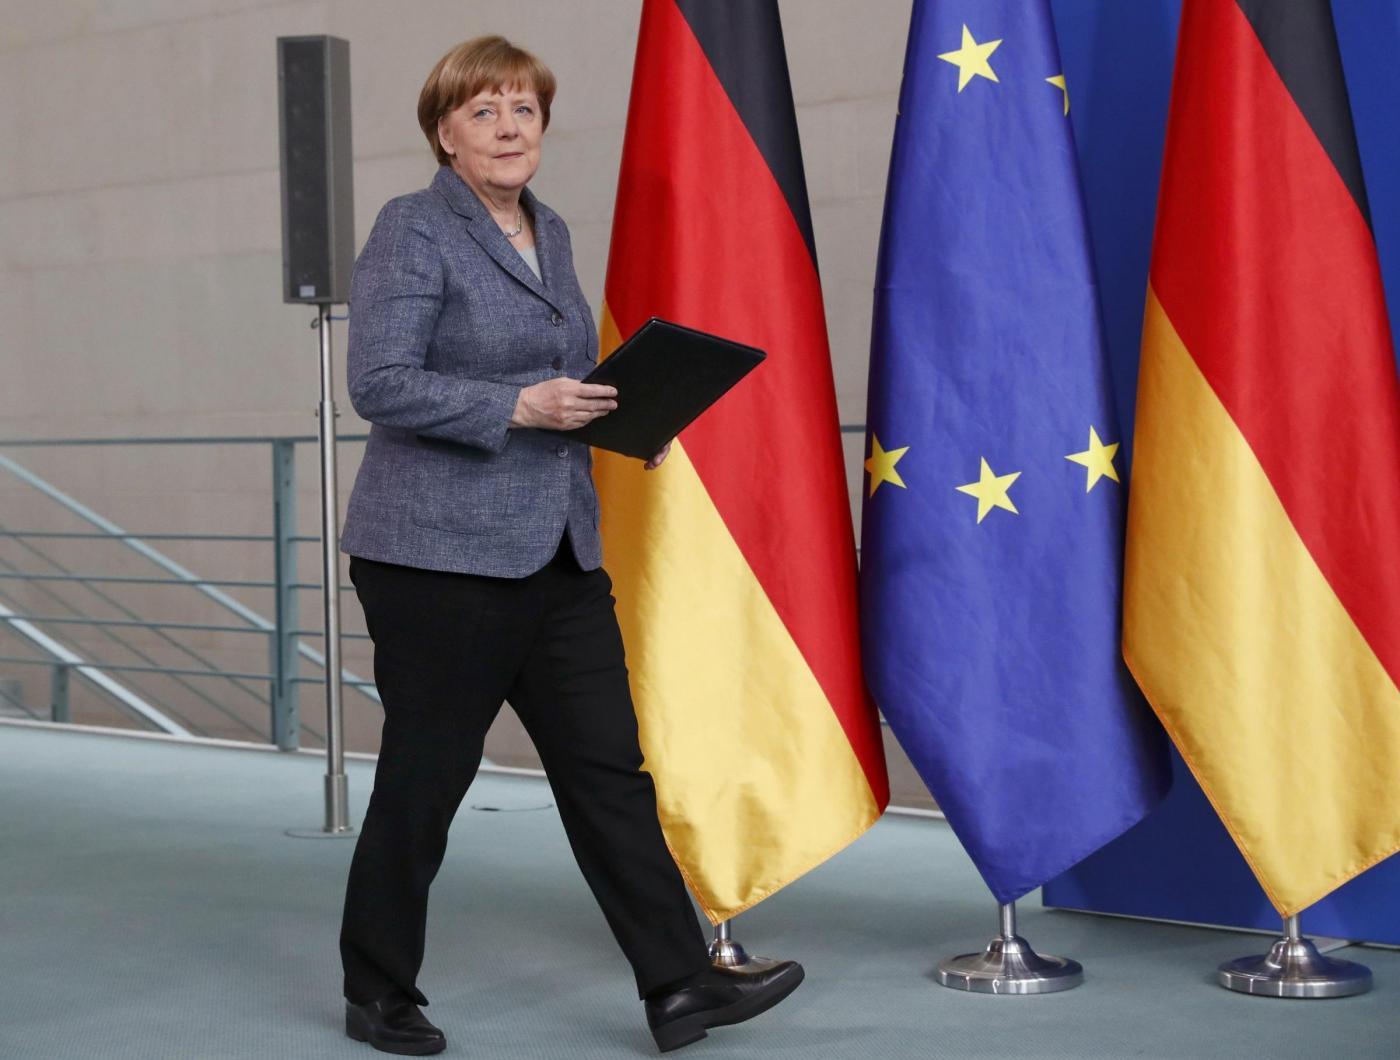 Cosa sono gli Eurobond per l'immigrazione e perché non piacciono alla Germania